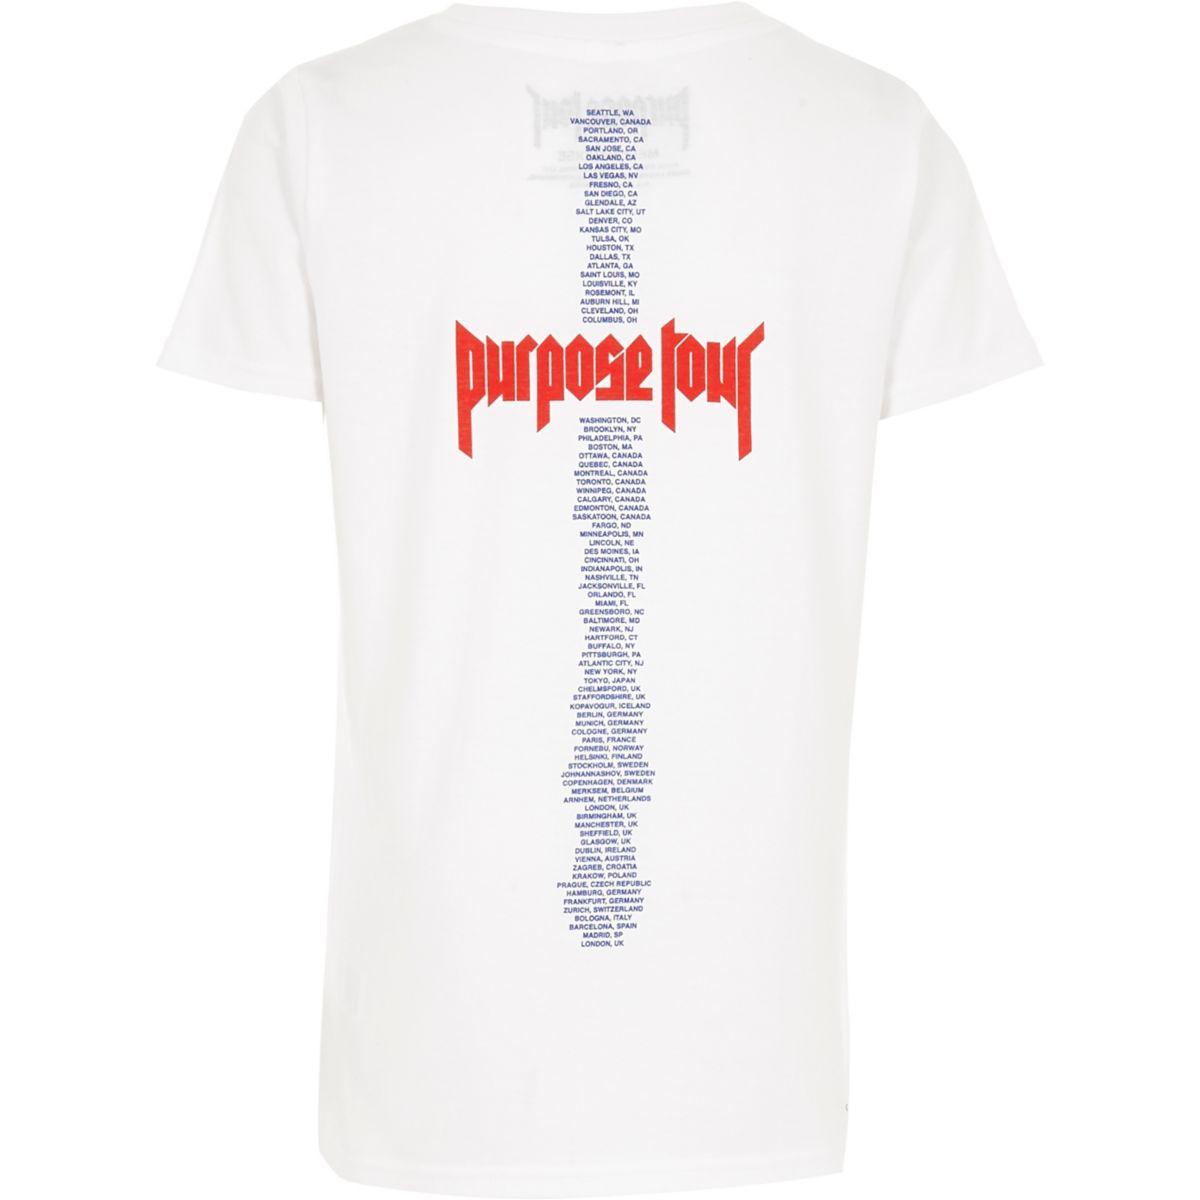 T Shirts Printing Atlanta Rldm